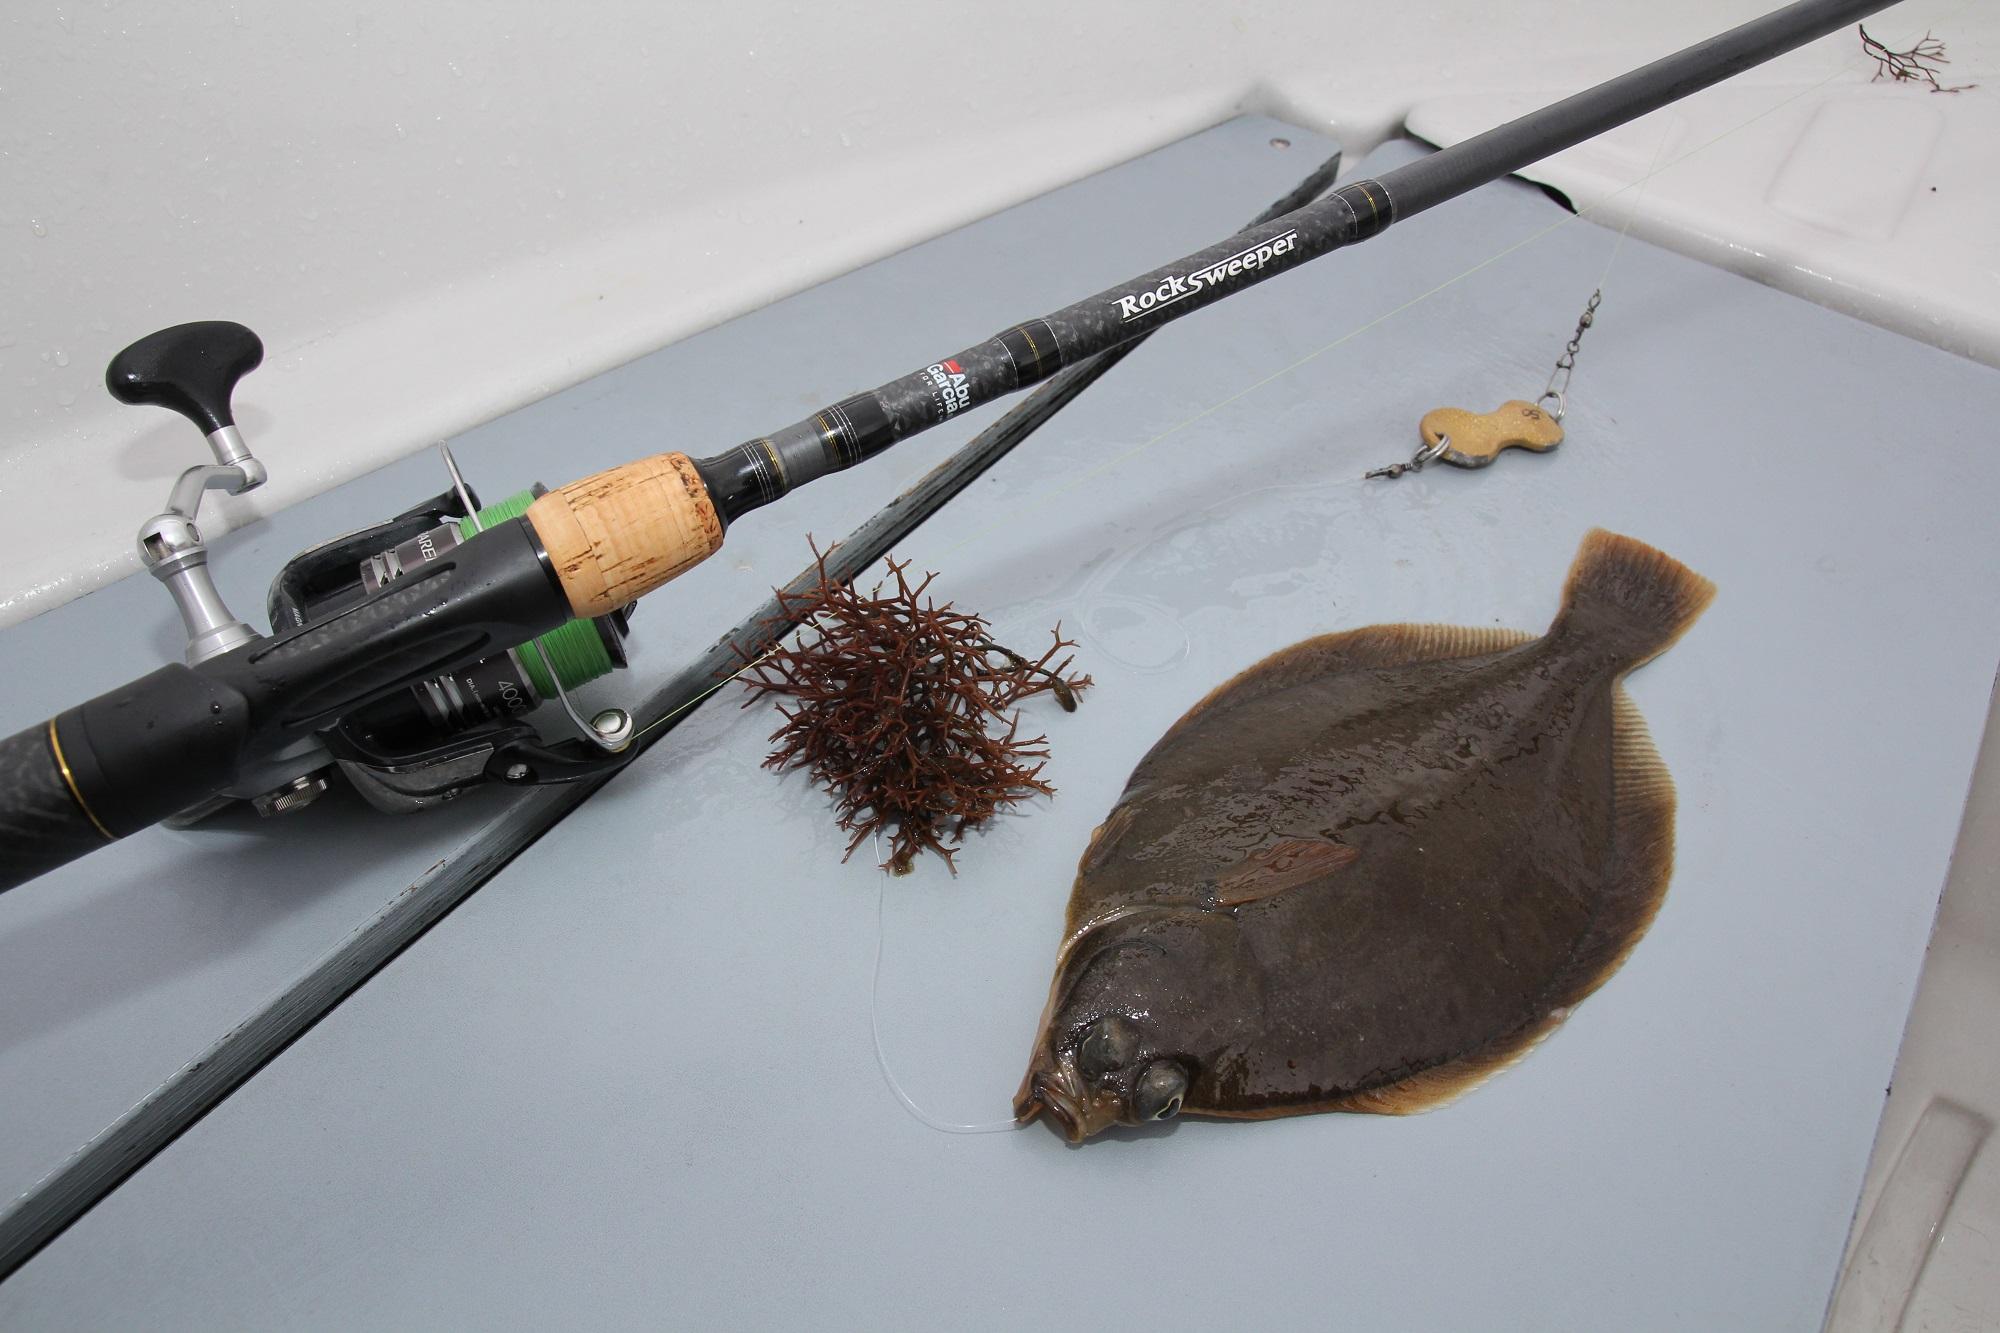 Plattfischangeln in Norwegen bringt Laune: zum Beispiel auf Klieschen